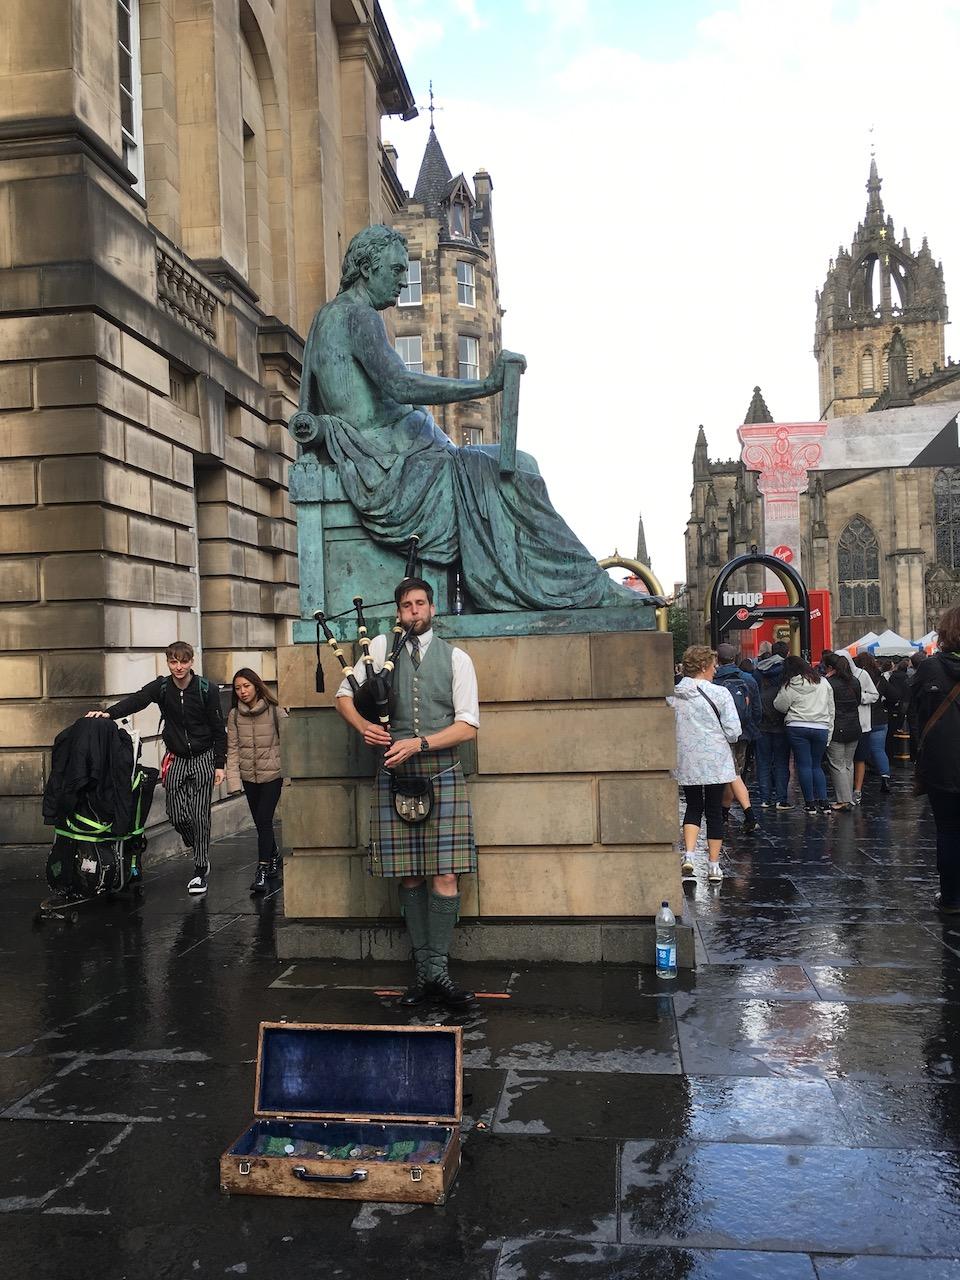 标志性的苏格兰风笛,英文名叫做pipe,吹pipe的人叫做piper。大街上总能找到穿着苏格兰裙的大叔在演奏苏格兰风笛,花£1可以合影